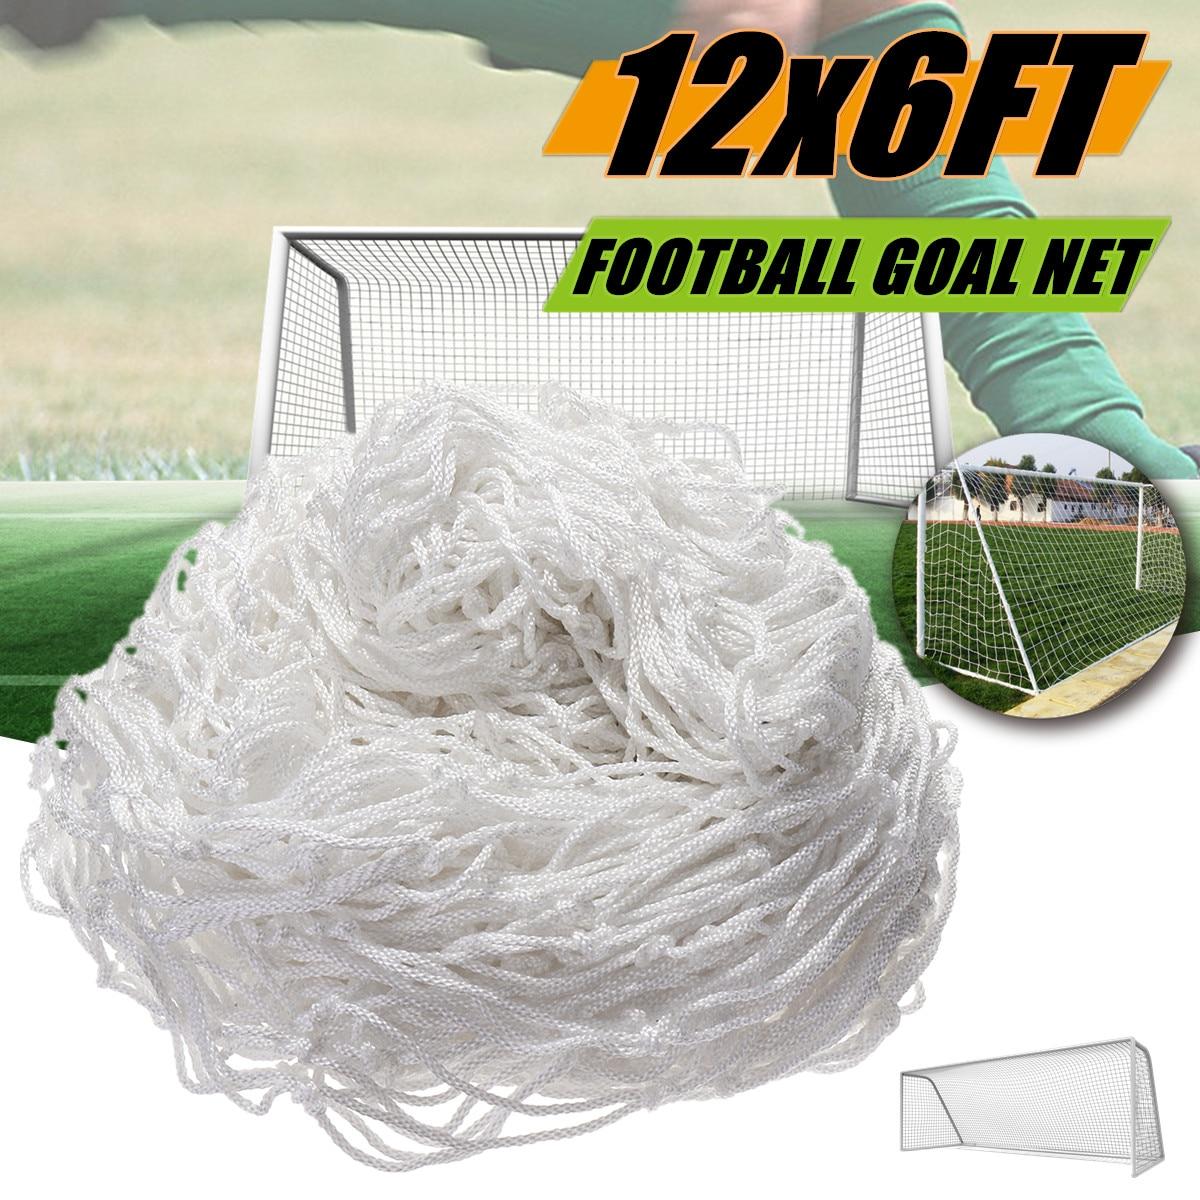 12x6FT Full Size Formazione Partita di Calcio calcio Goal Post Net Per Gli Sport All'aria Aperta Annodato Doppio Flessibile Materiale In Polipropilene